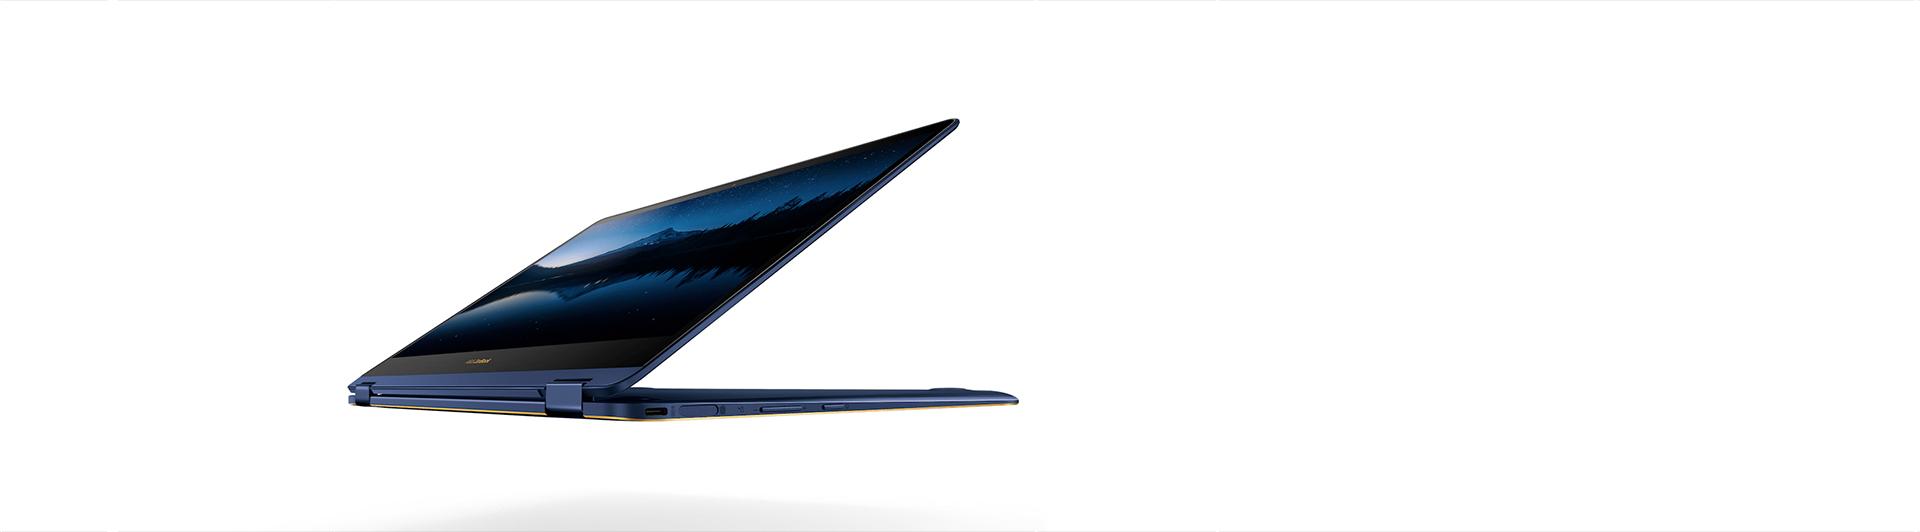 Laptop ASUS Zenbook Flip S UX370U - C4217TS đóng màn hình